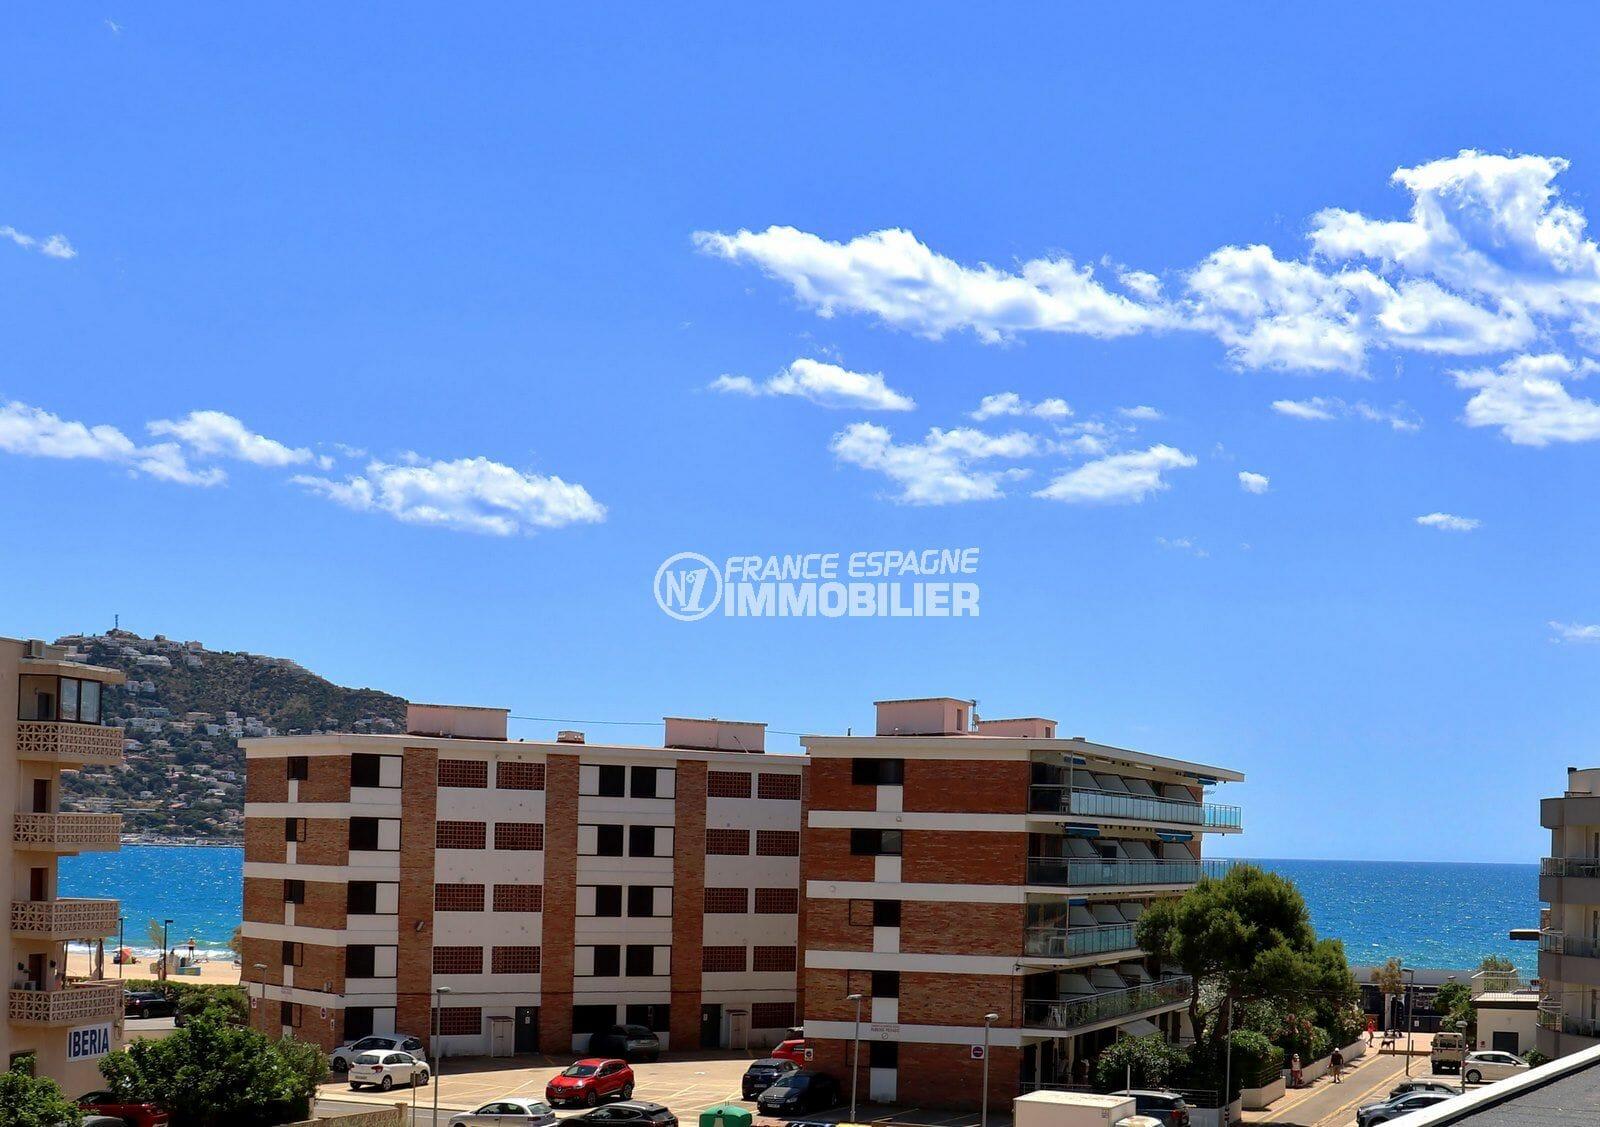 vente appartement rosas, 2 pièces 43 m², terrasse véranda vue mer, exposition sud, 200 m de la plage